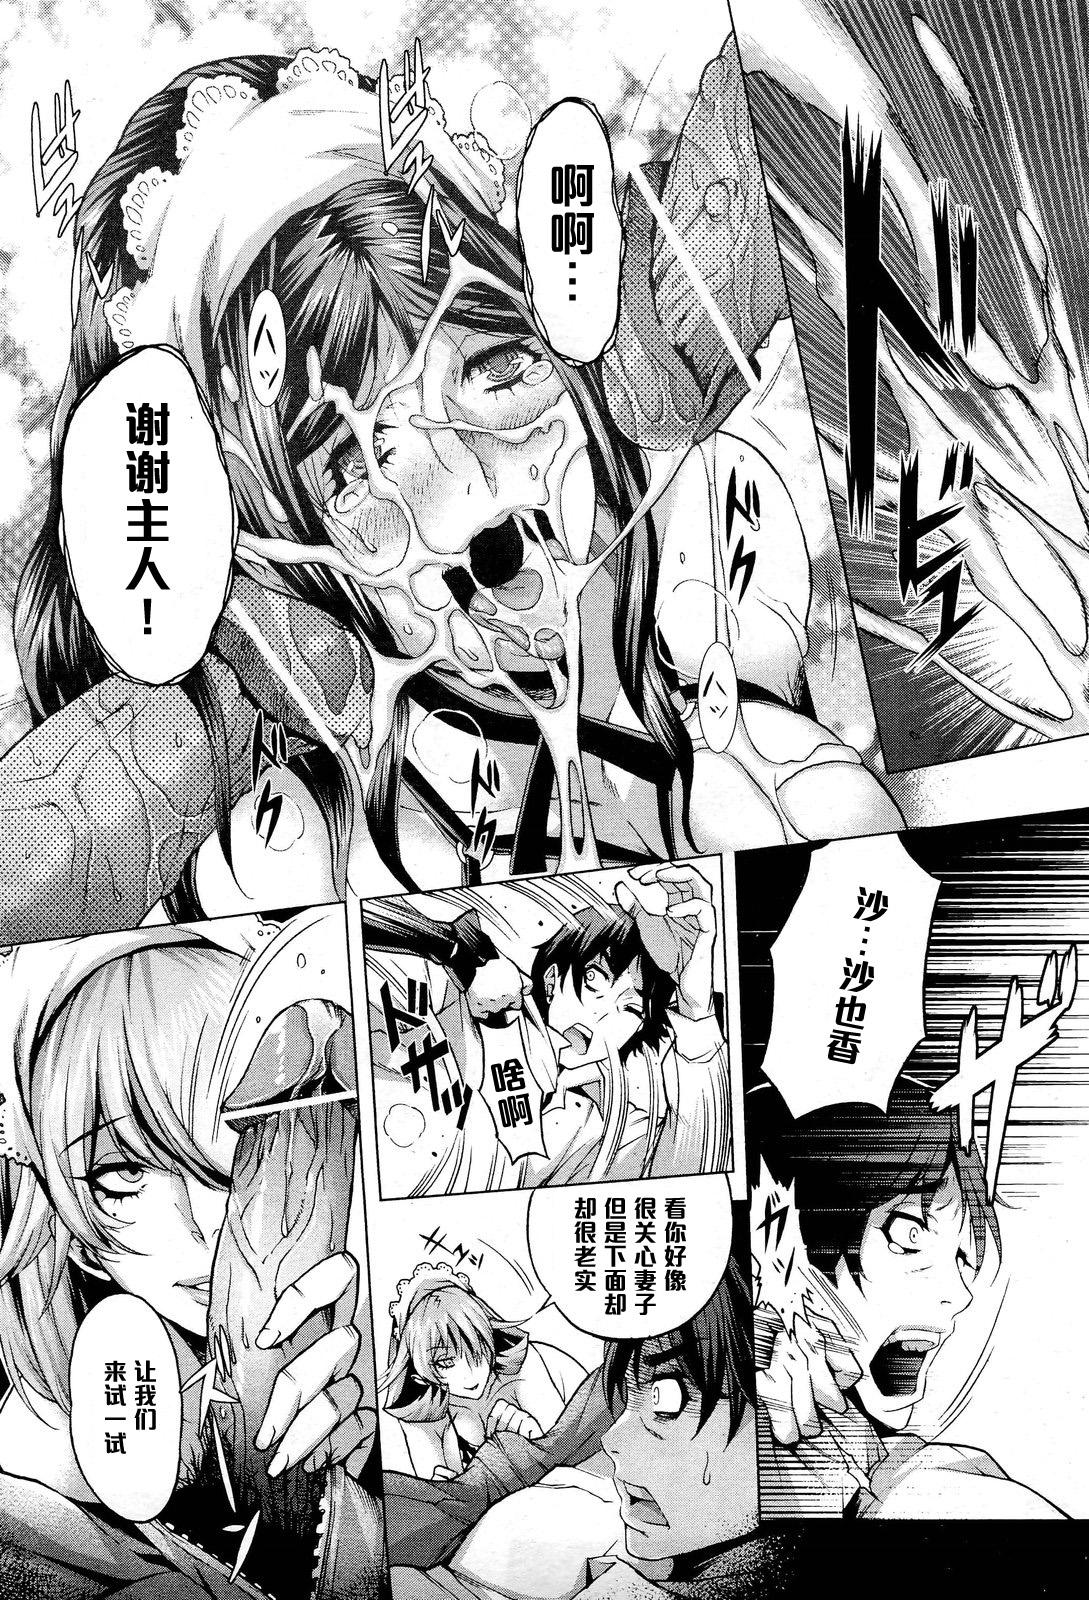 Koufuku no Daishou 12